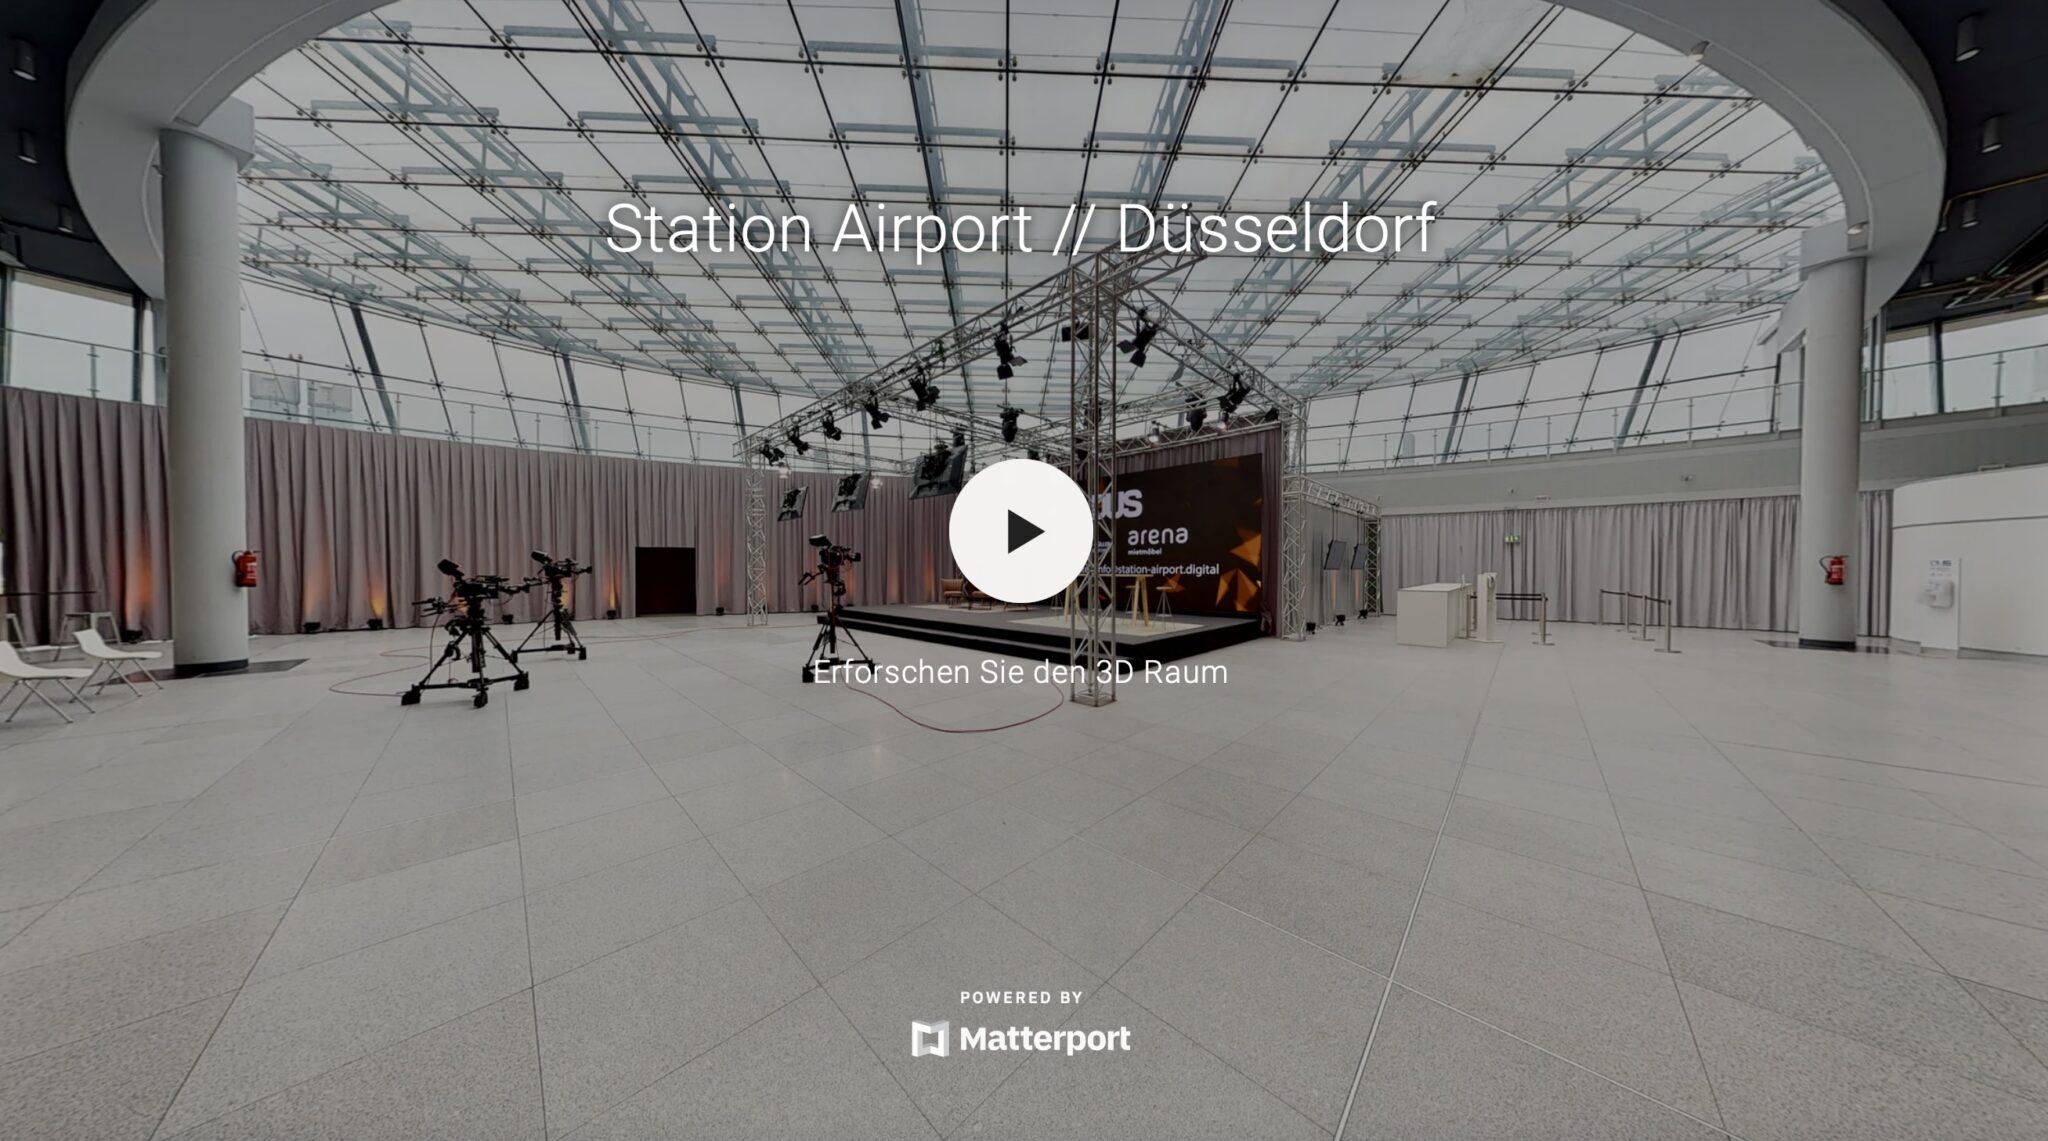 3D-Rundgang der Station Airport Düsseldorf